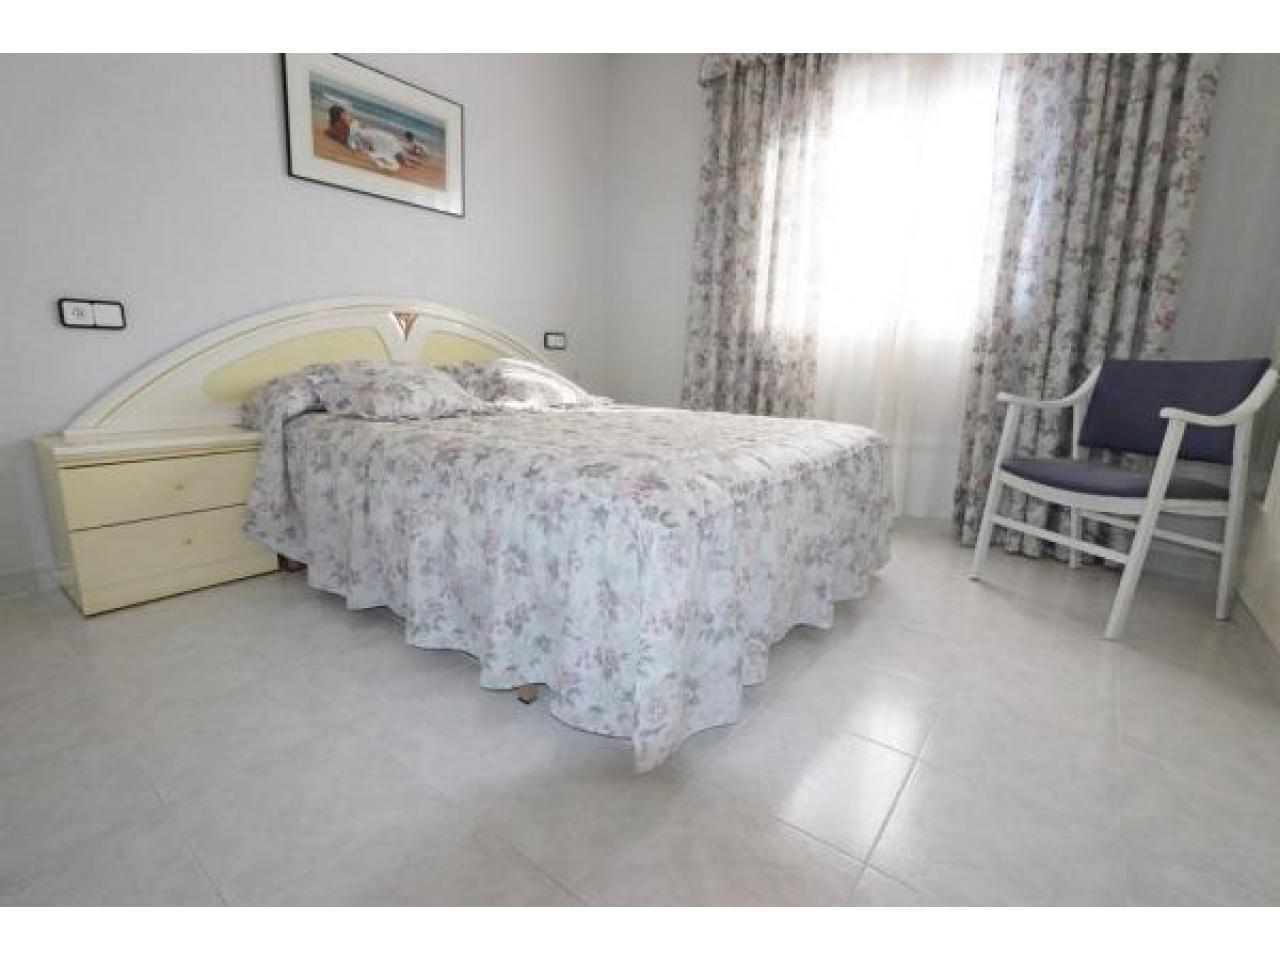 Недвижимость в Испании, Бунгало в Торревьеха,Коста Бланка,Испания - 6